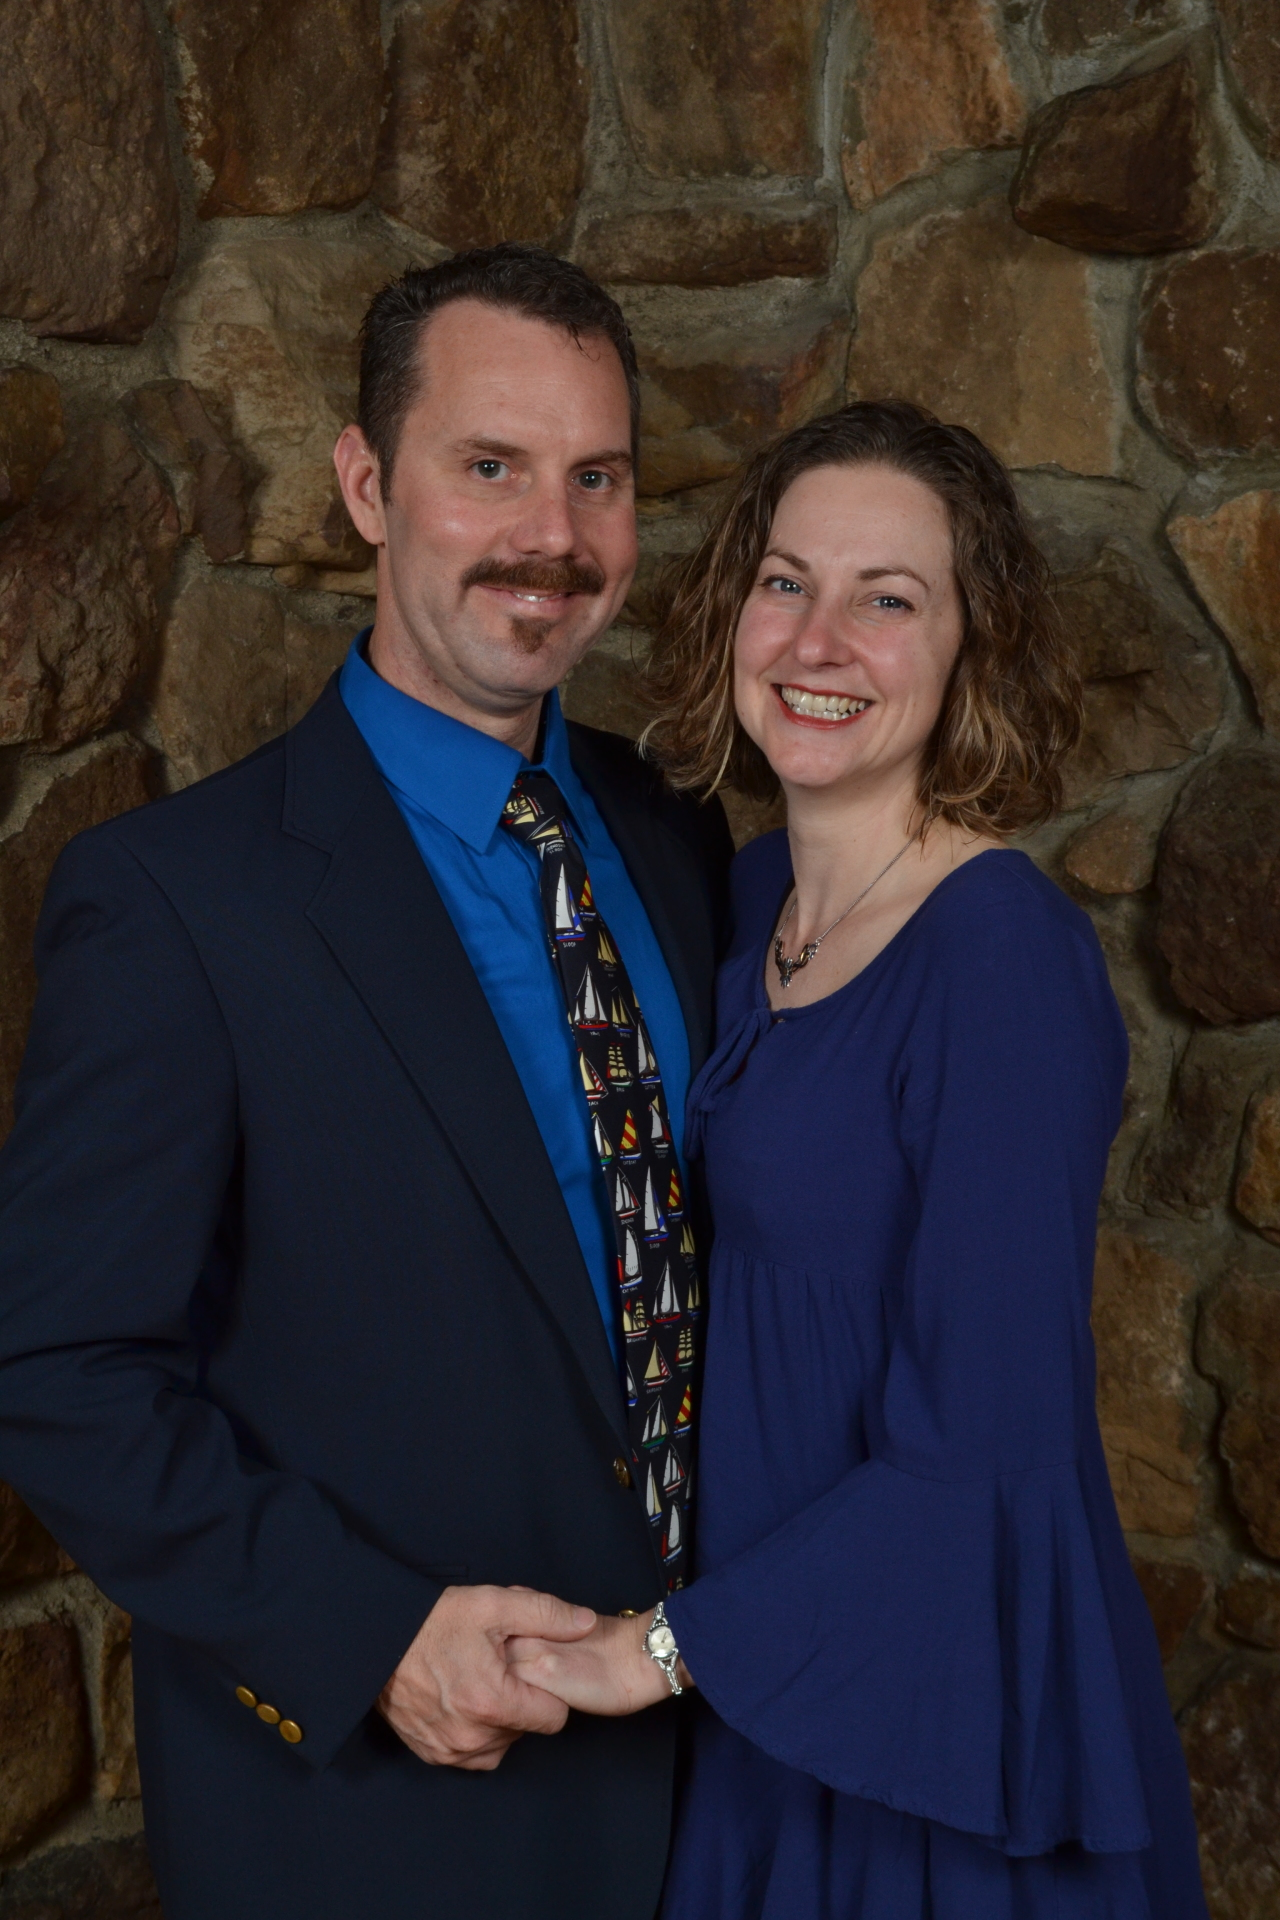 Glenn and Rebecca